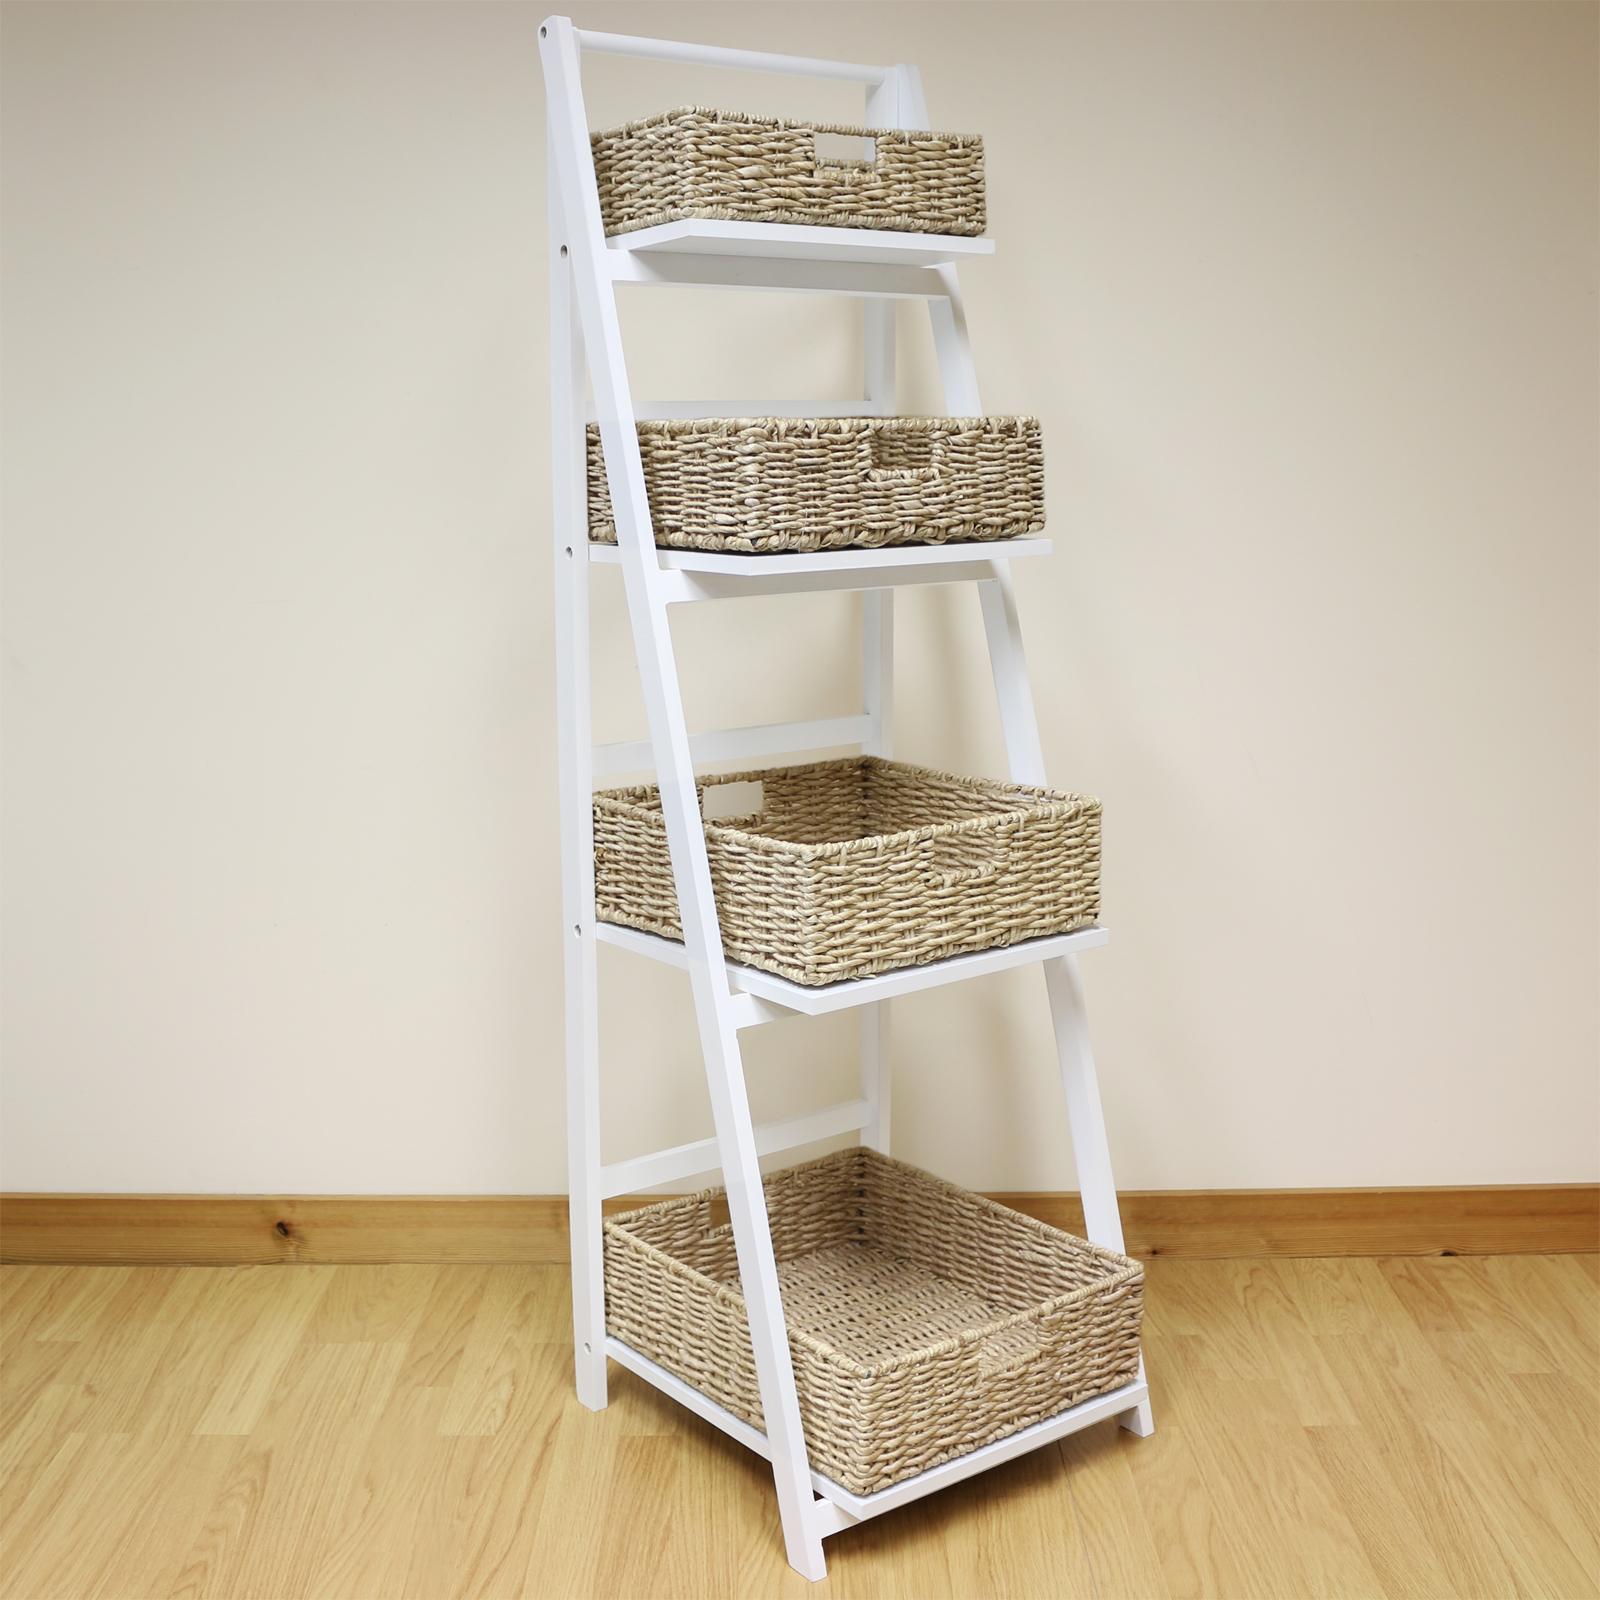 Kitchen Storage Ladder: White 4 Tier Wooden Ladder Shelf Display Unit & Natural